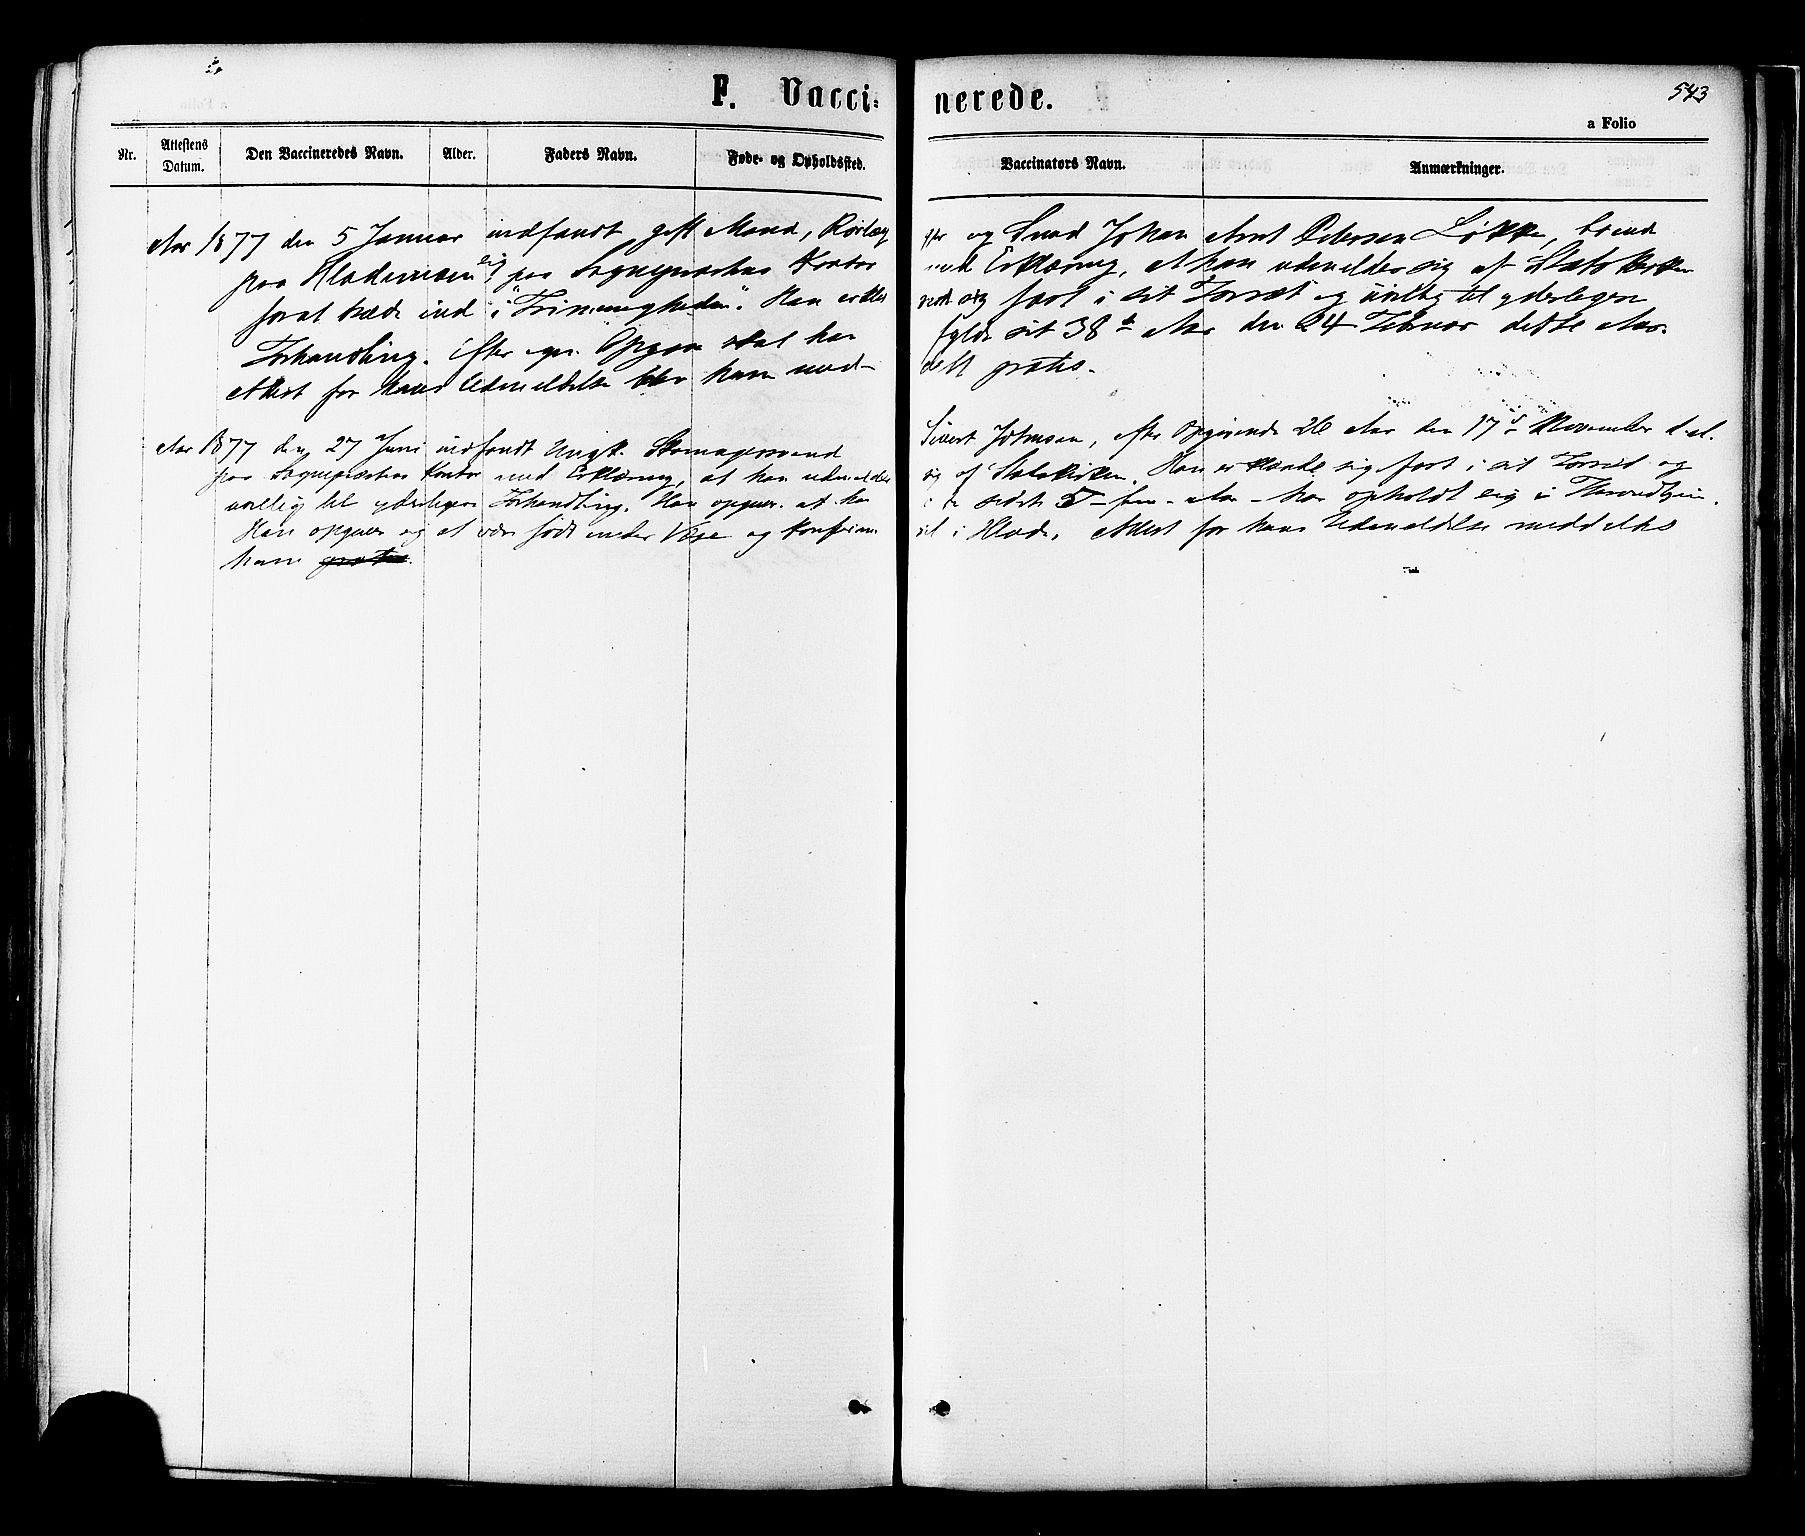 SAT, Ministerialprotokoller, klokkerbøker og fødselsregistre - Sør-Trøndelag, 606/L0293: Ministerialbok nr. 606A08, 1866-1877, s. 543